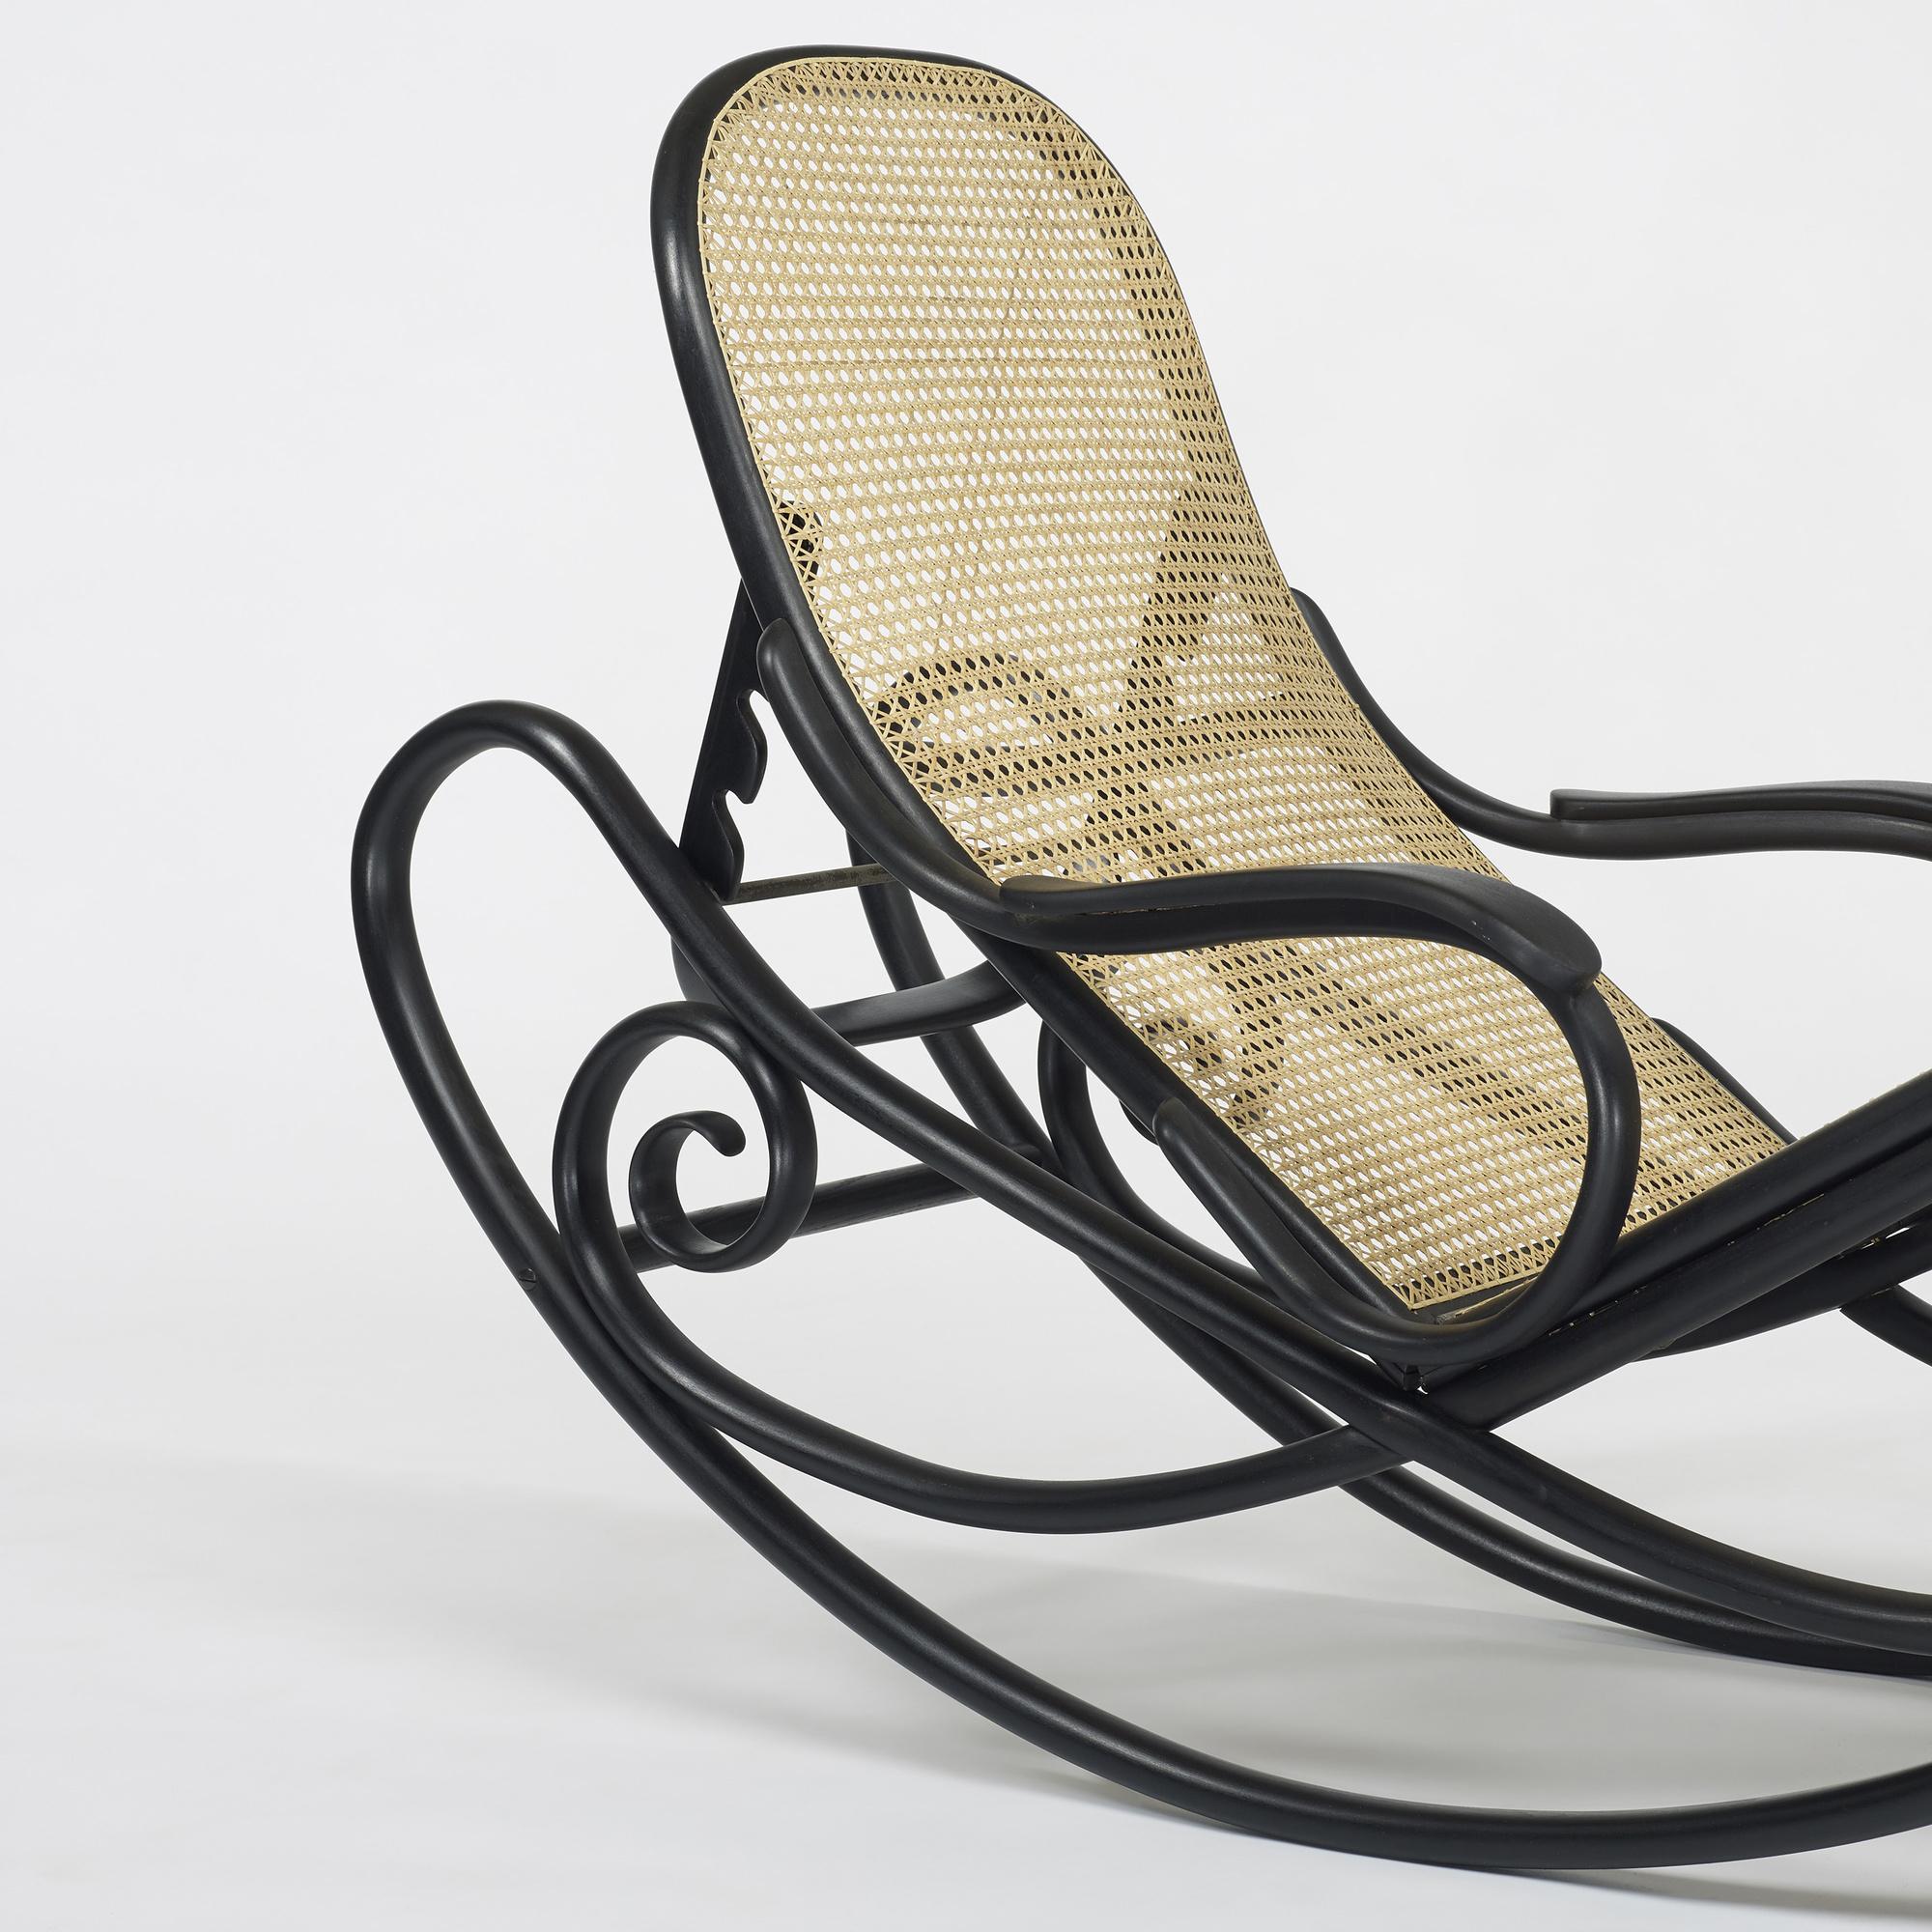 136 gebr der thonet chaise model 7500. Black Bedroom Furniture Sets. Home Design Ideas